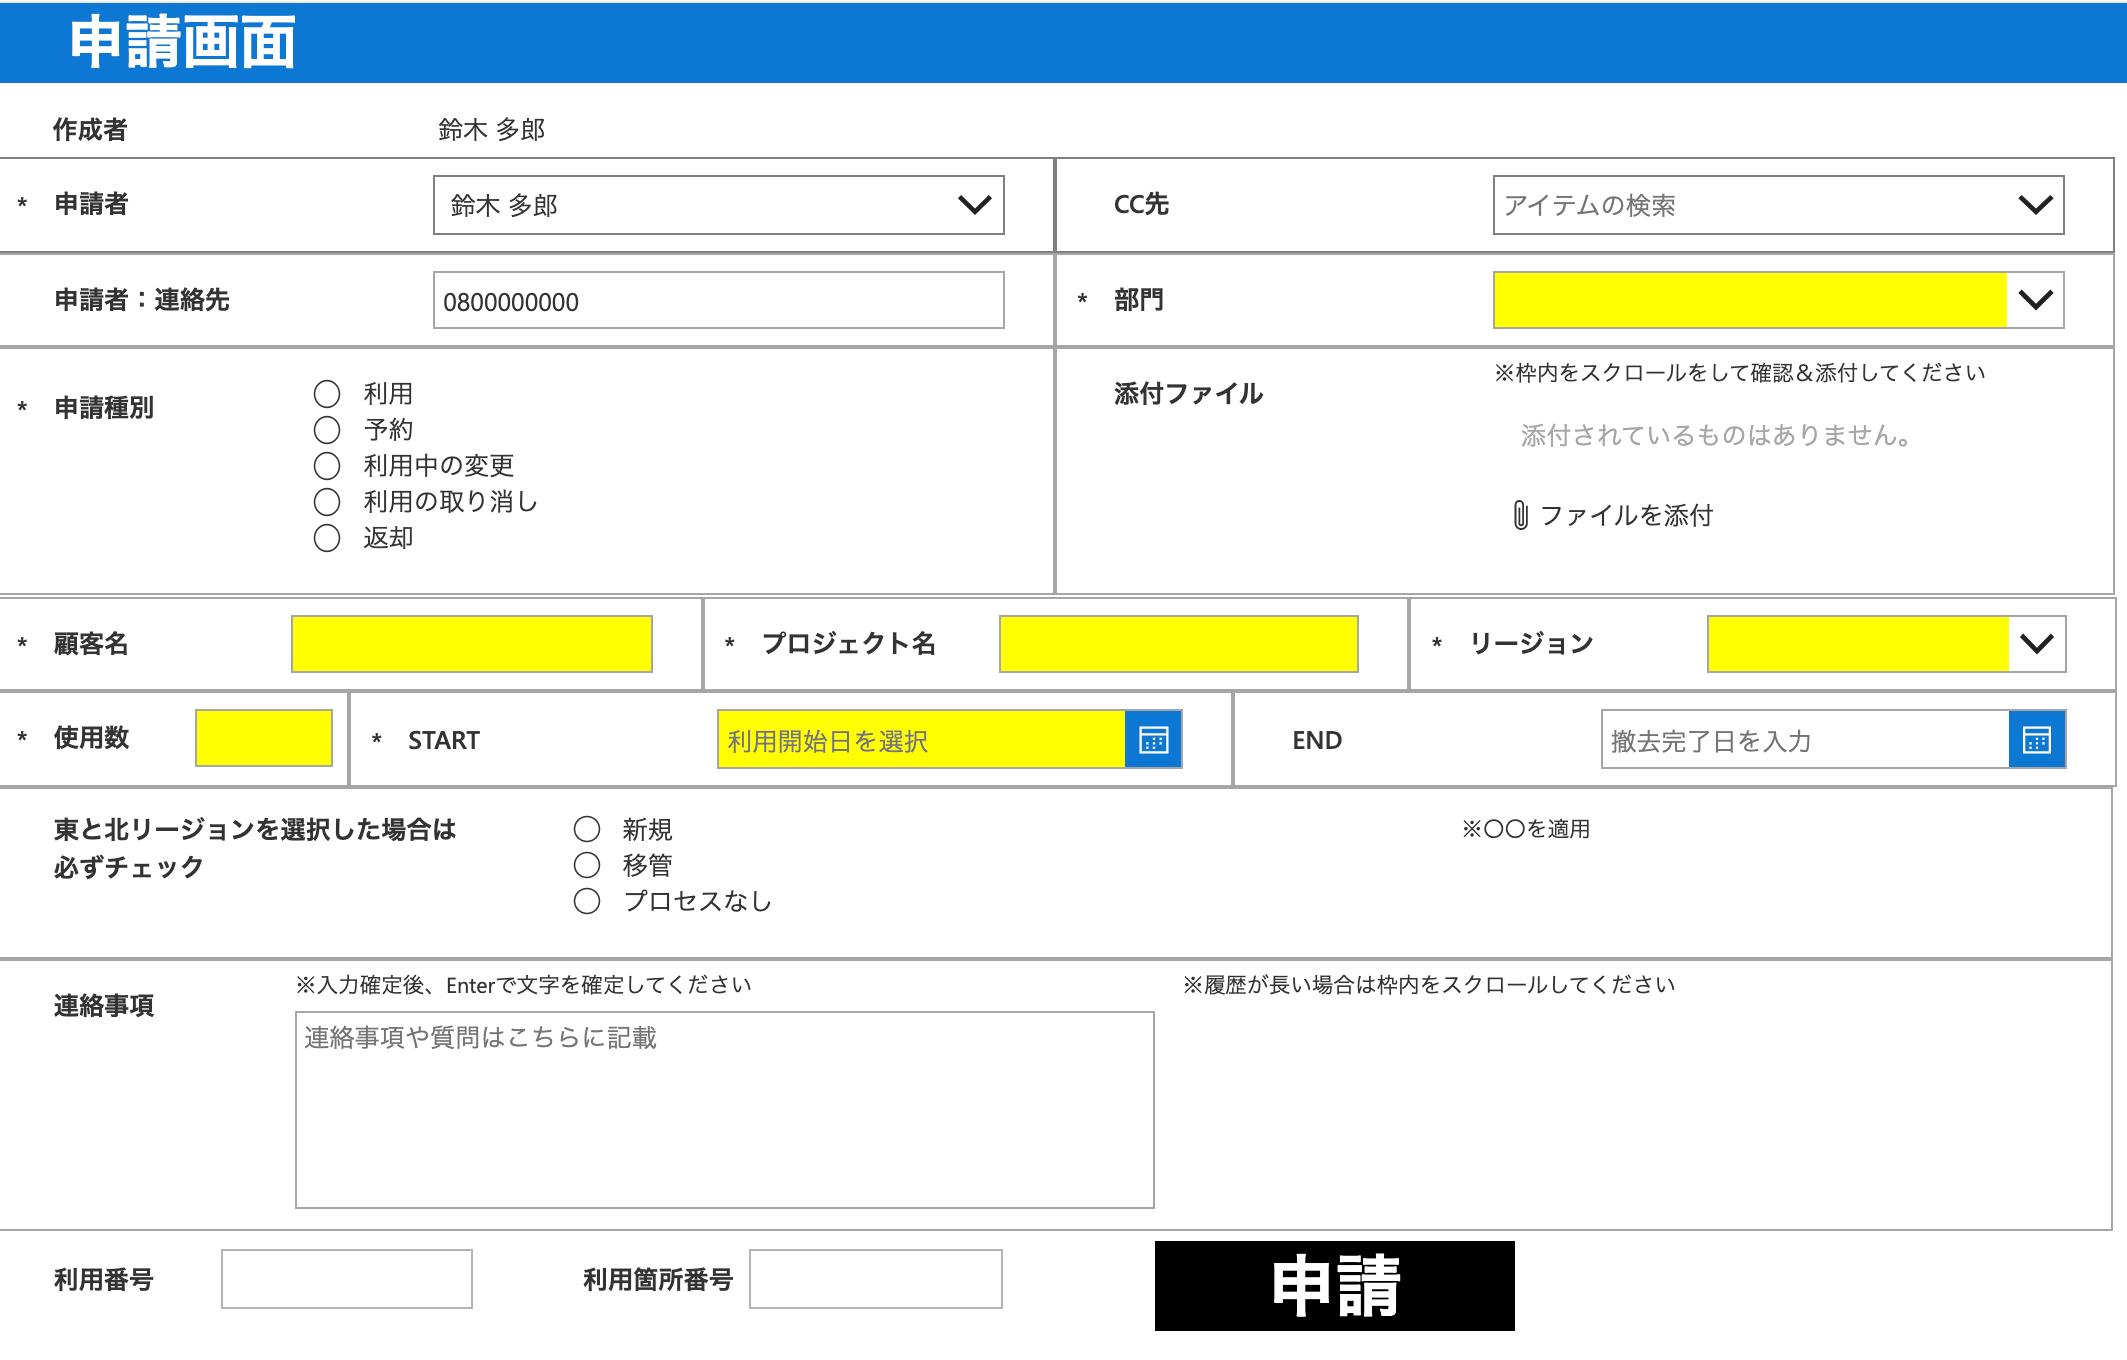 スクリーンショット 2021-05-02 1.11.53.png